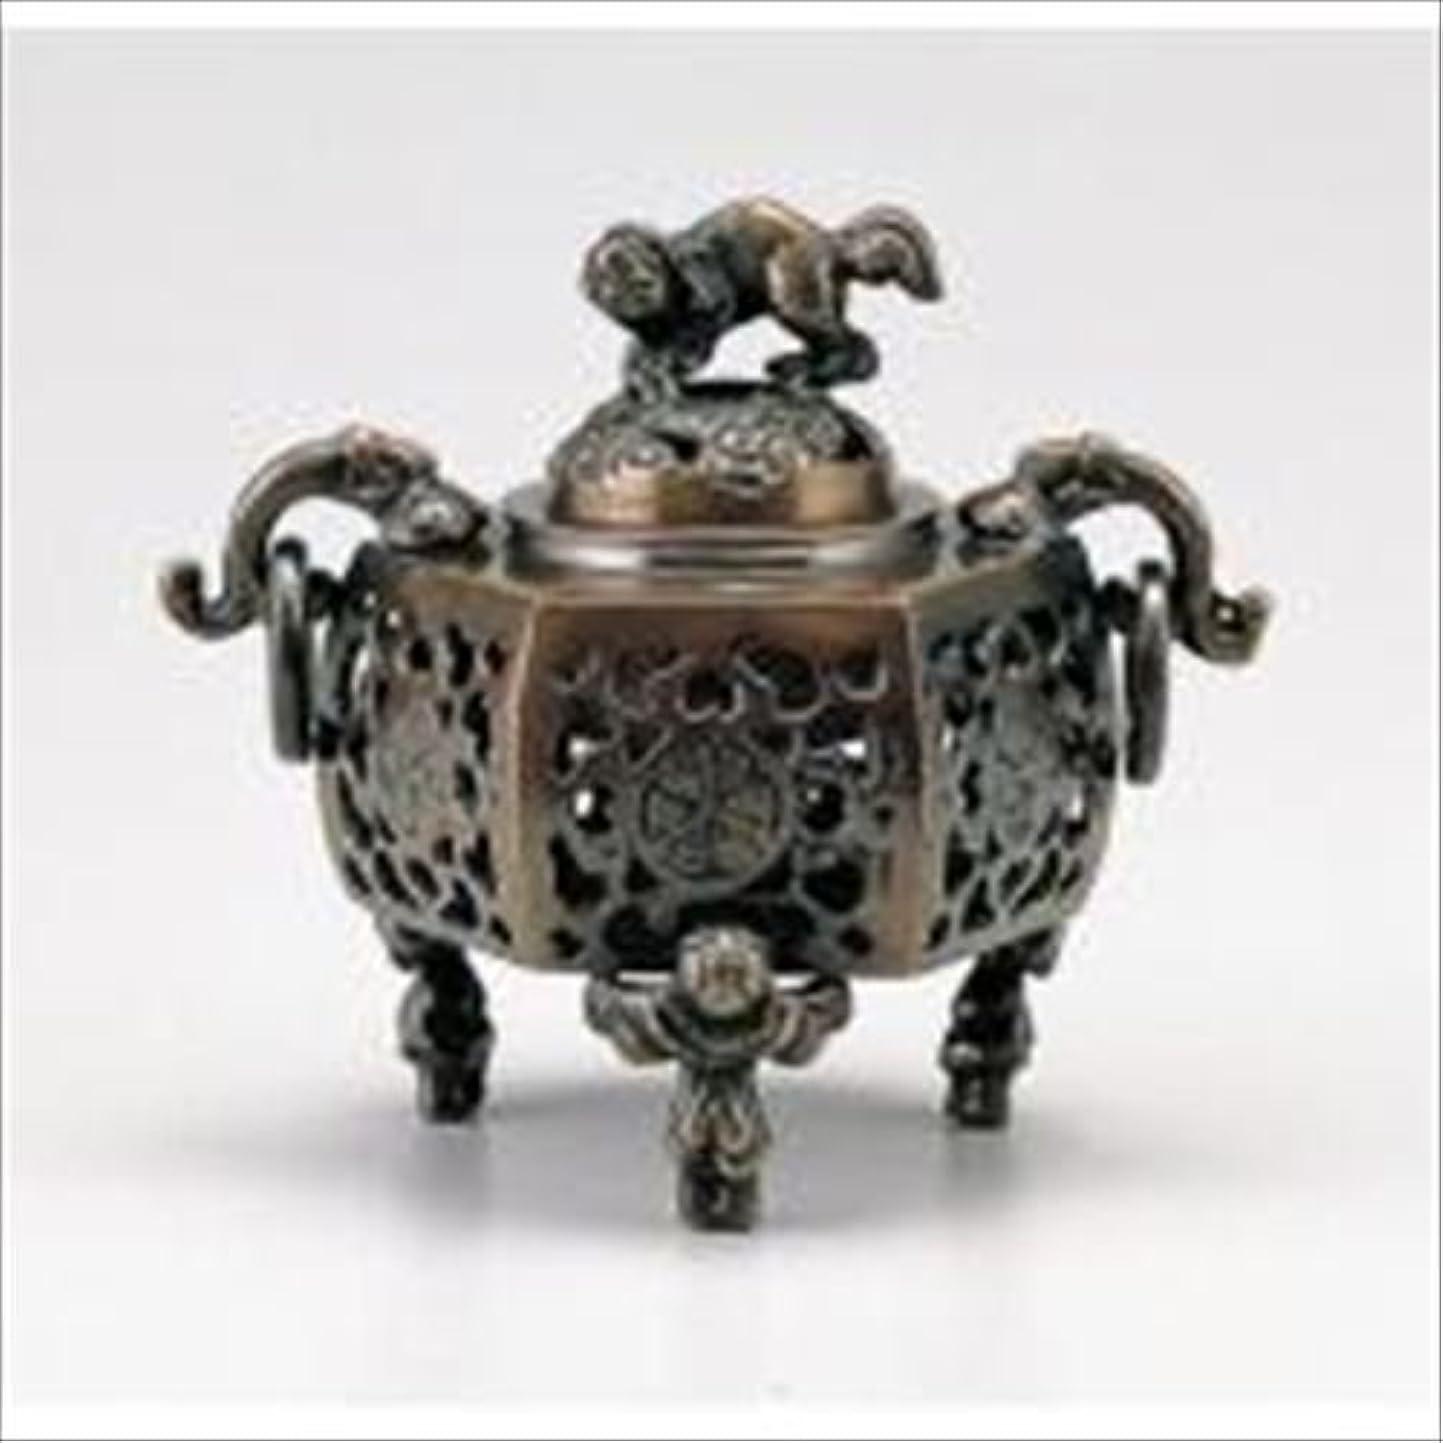 経済的真夜中専門化する竹中銅器 122-05 香炉 葵 かん付香炉 山吹色